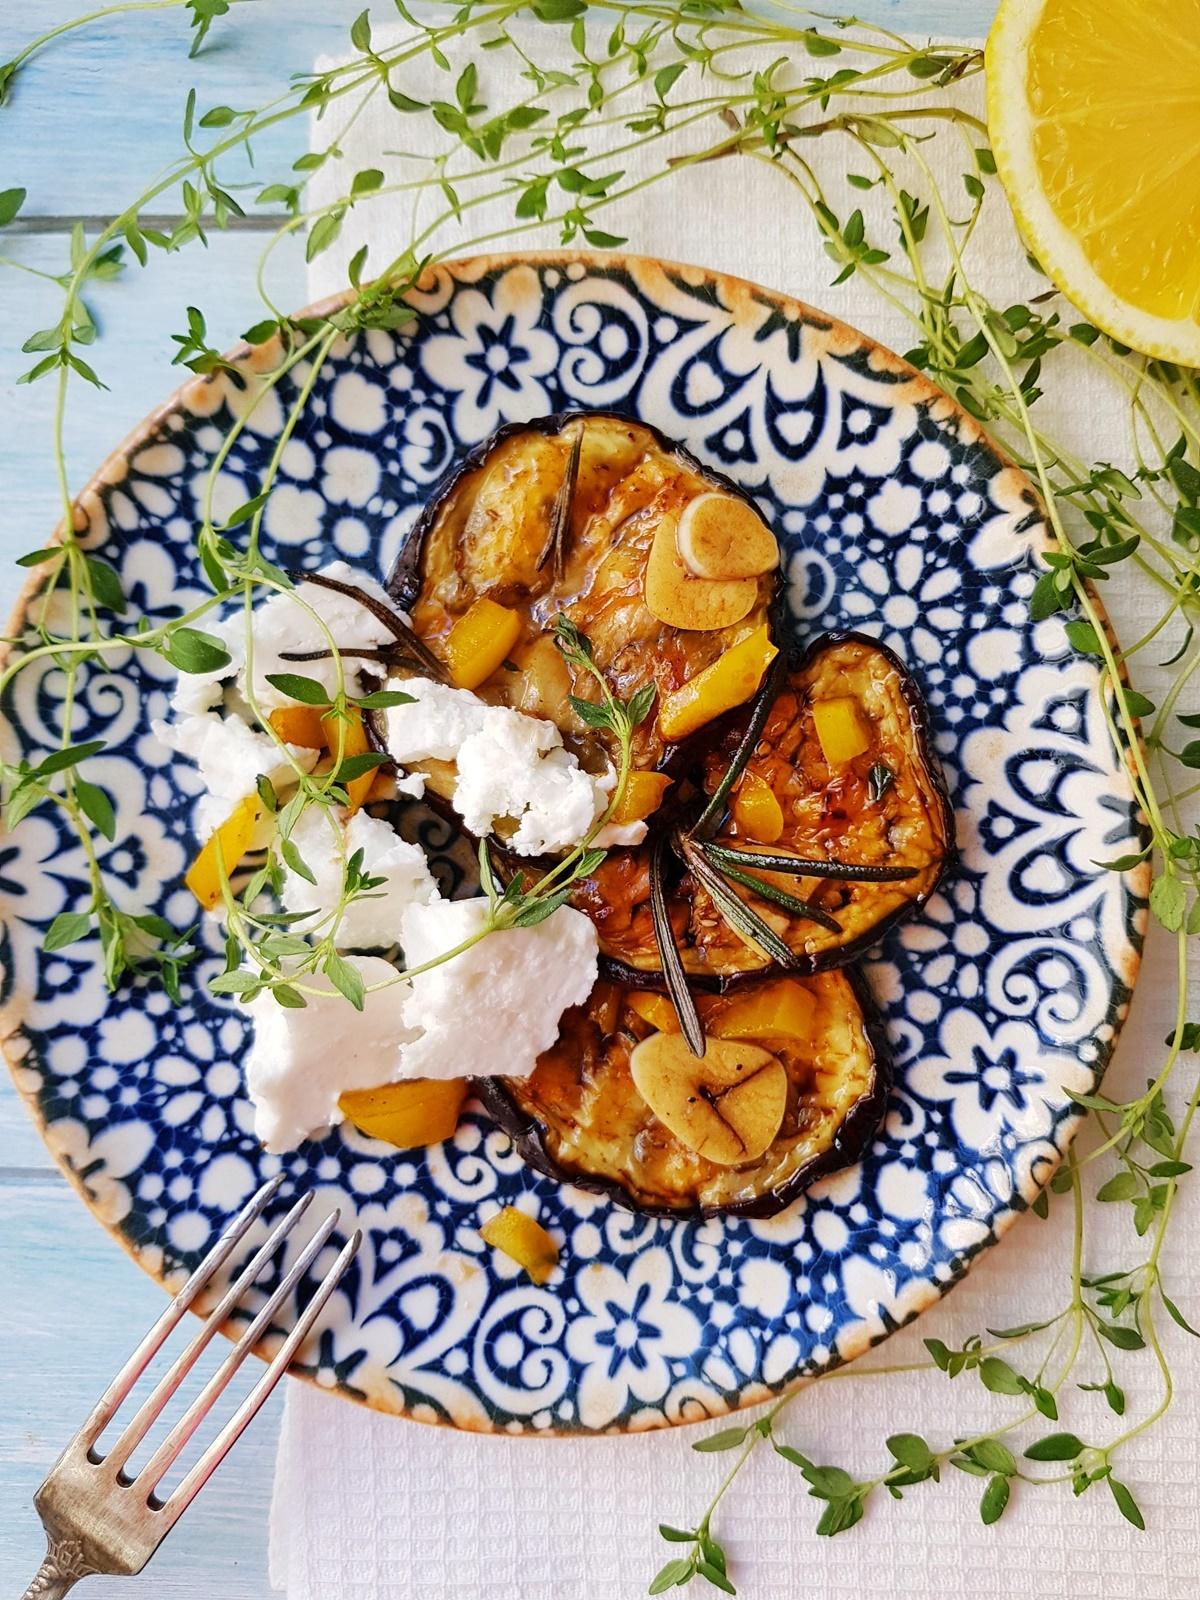 Маринованные баклажаны с ароматом бальзамического уксуса, чеснока, тимьяна и розмарина. Фото рецепт.